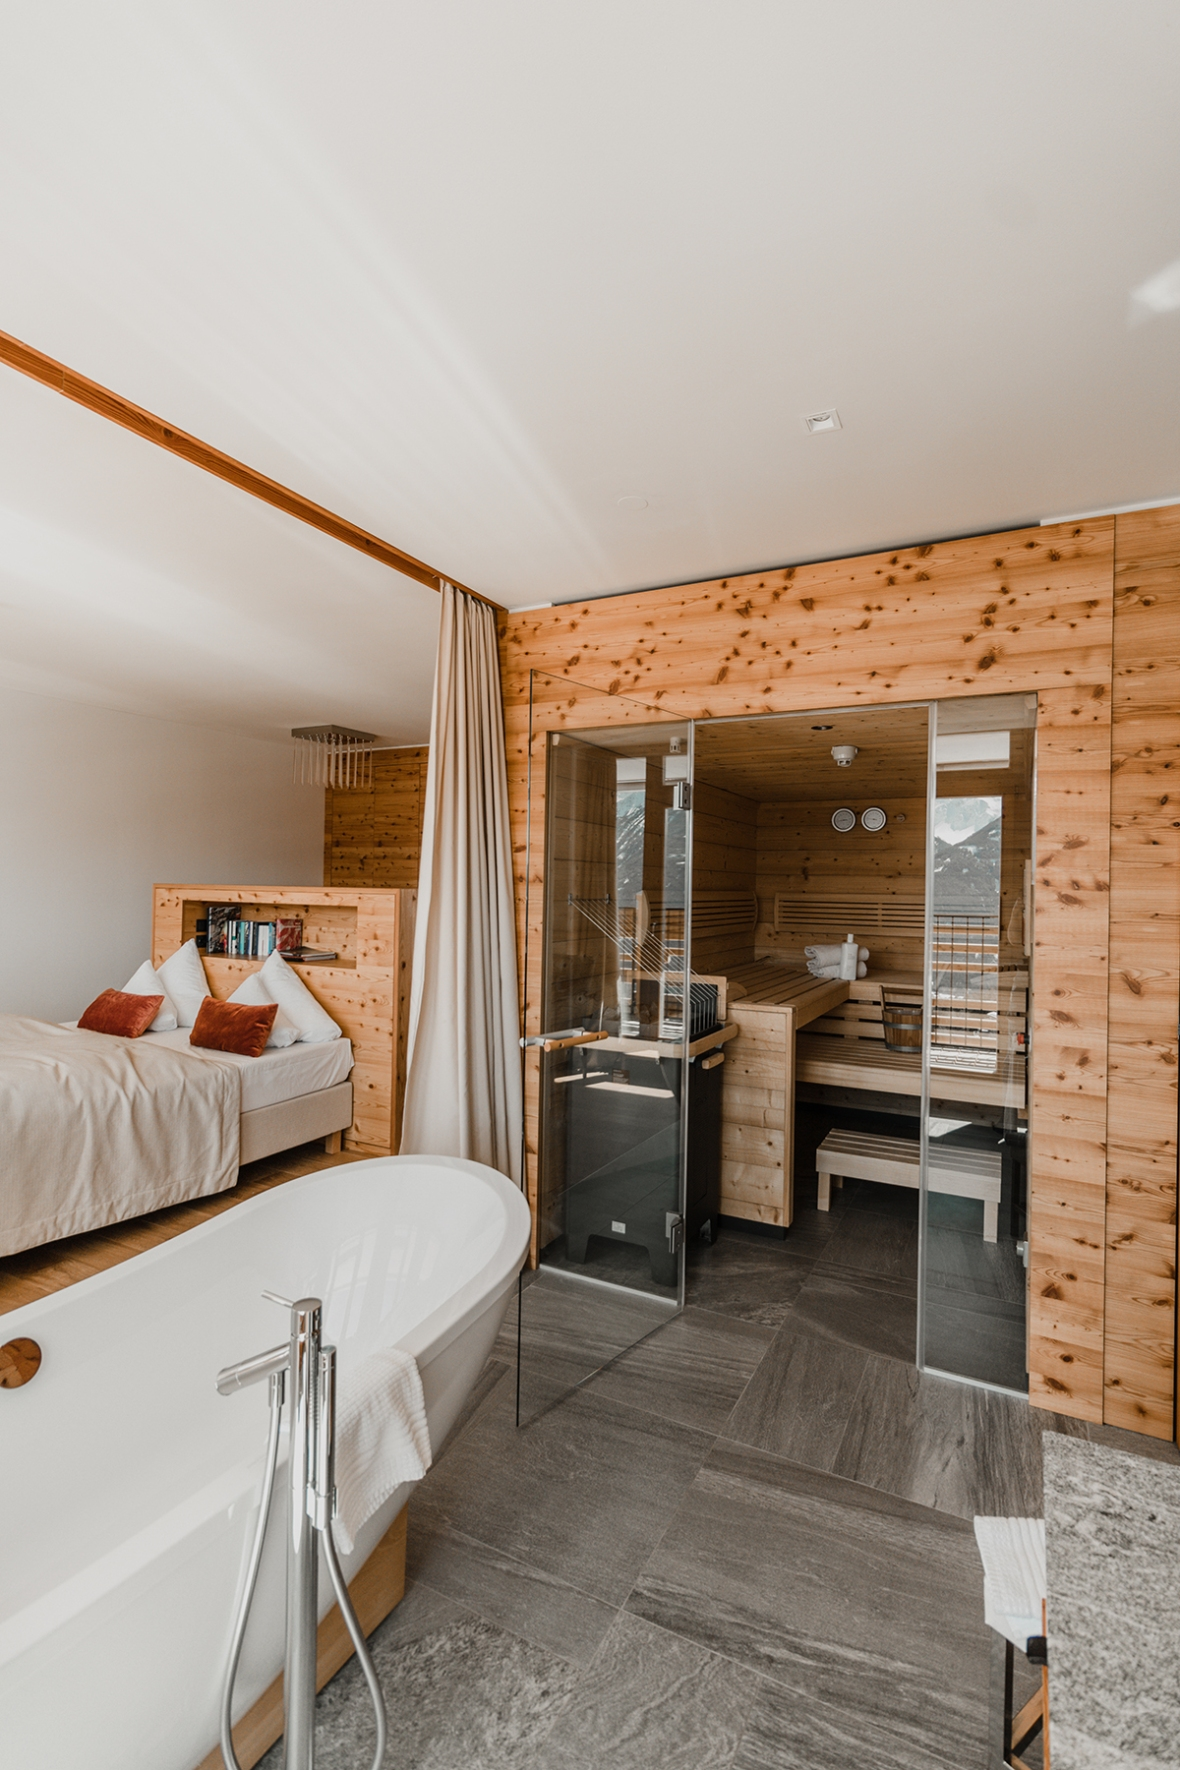 Merel van Poorten Blogger Review Nidum Hotel Austria